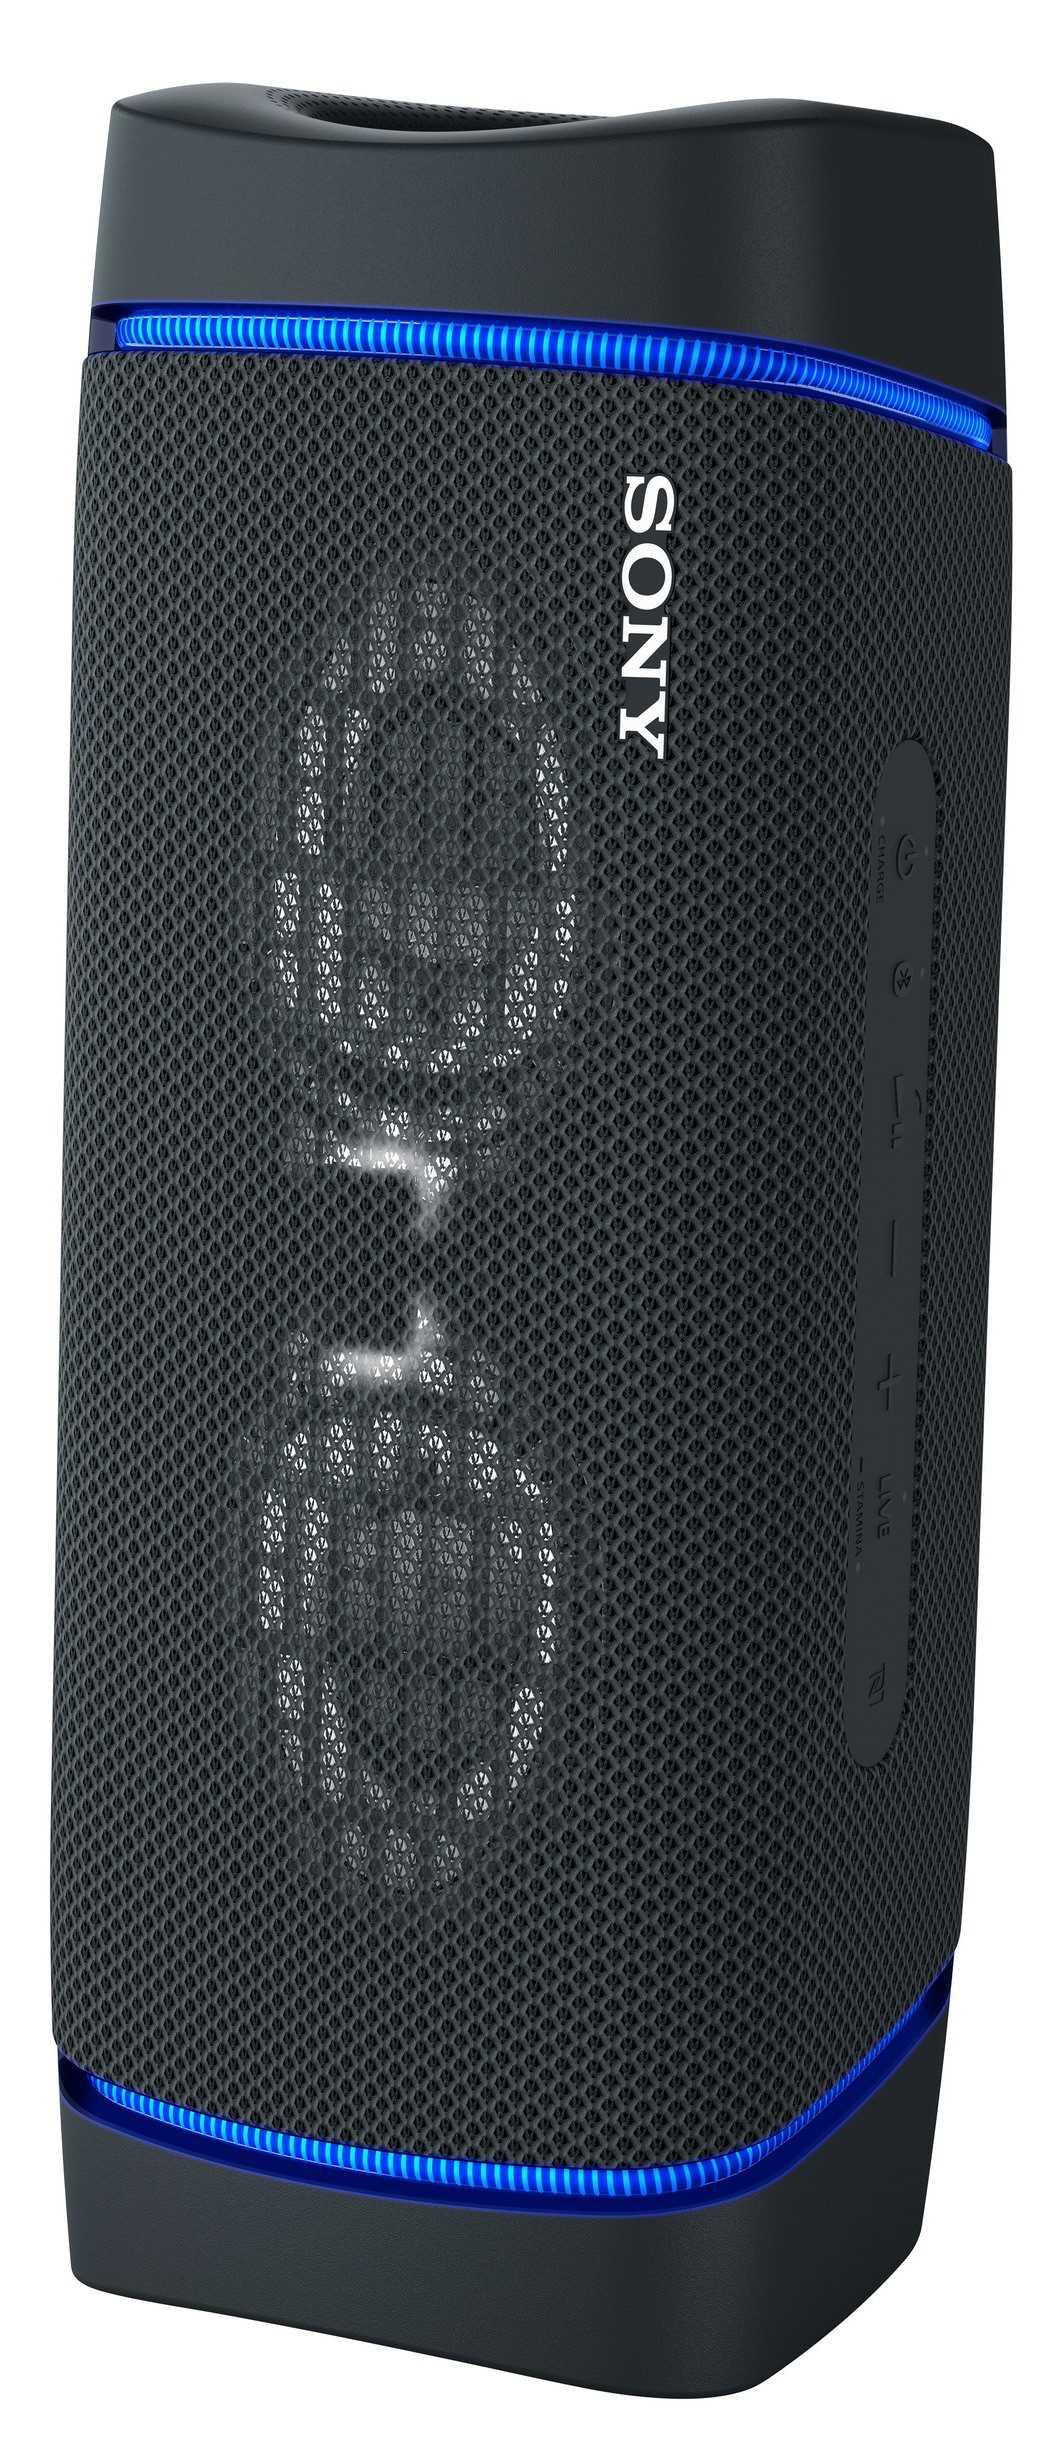 רמקול נייד סוני שחור SONY SRS-XB33B סוני - תמונה 7